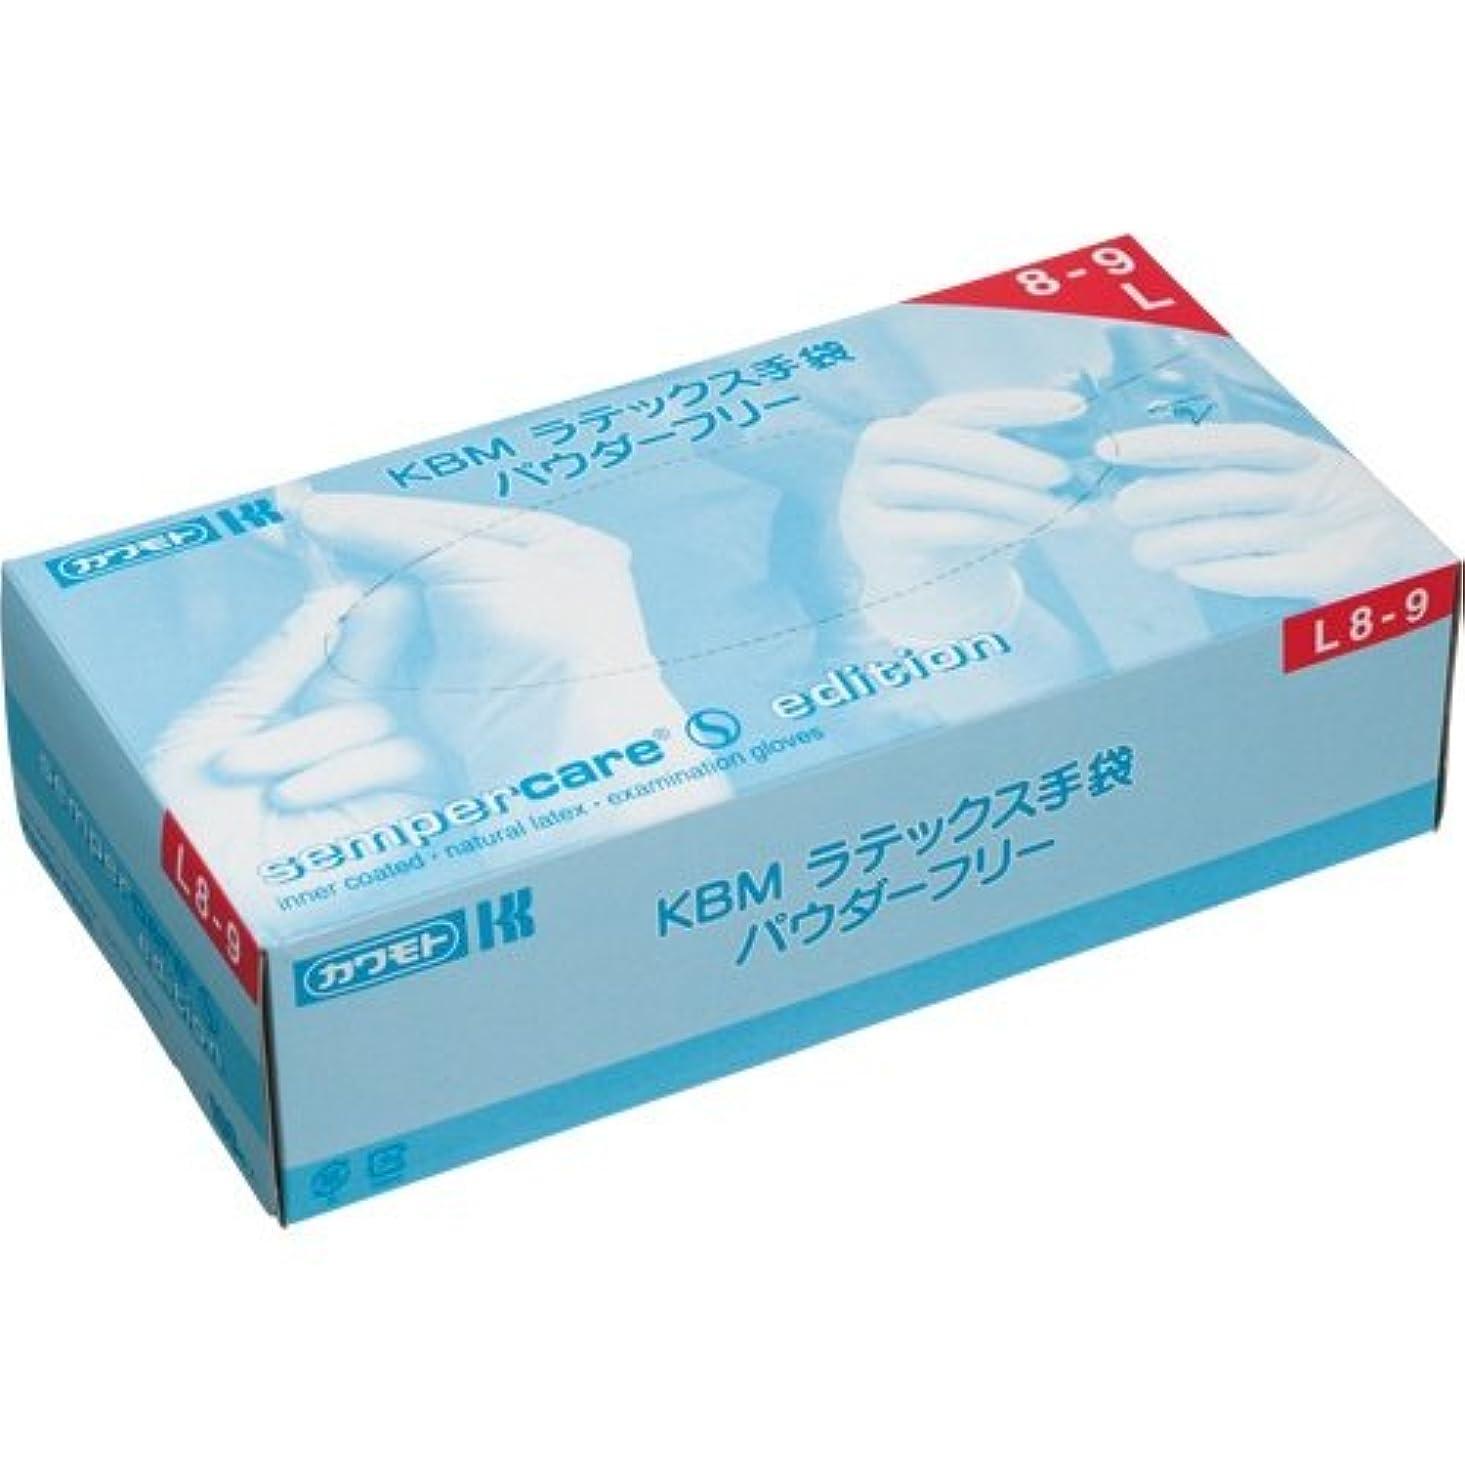 前方へ食物コロニアルカワモト KBM ラテックス手袋 パウダーフリー L 1セット(300枚:100枚×3箱)